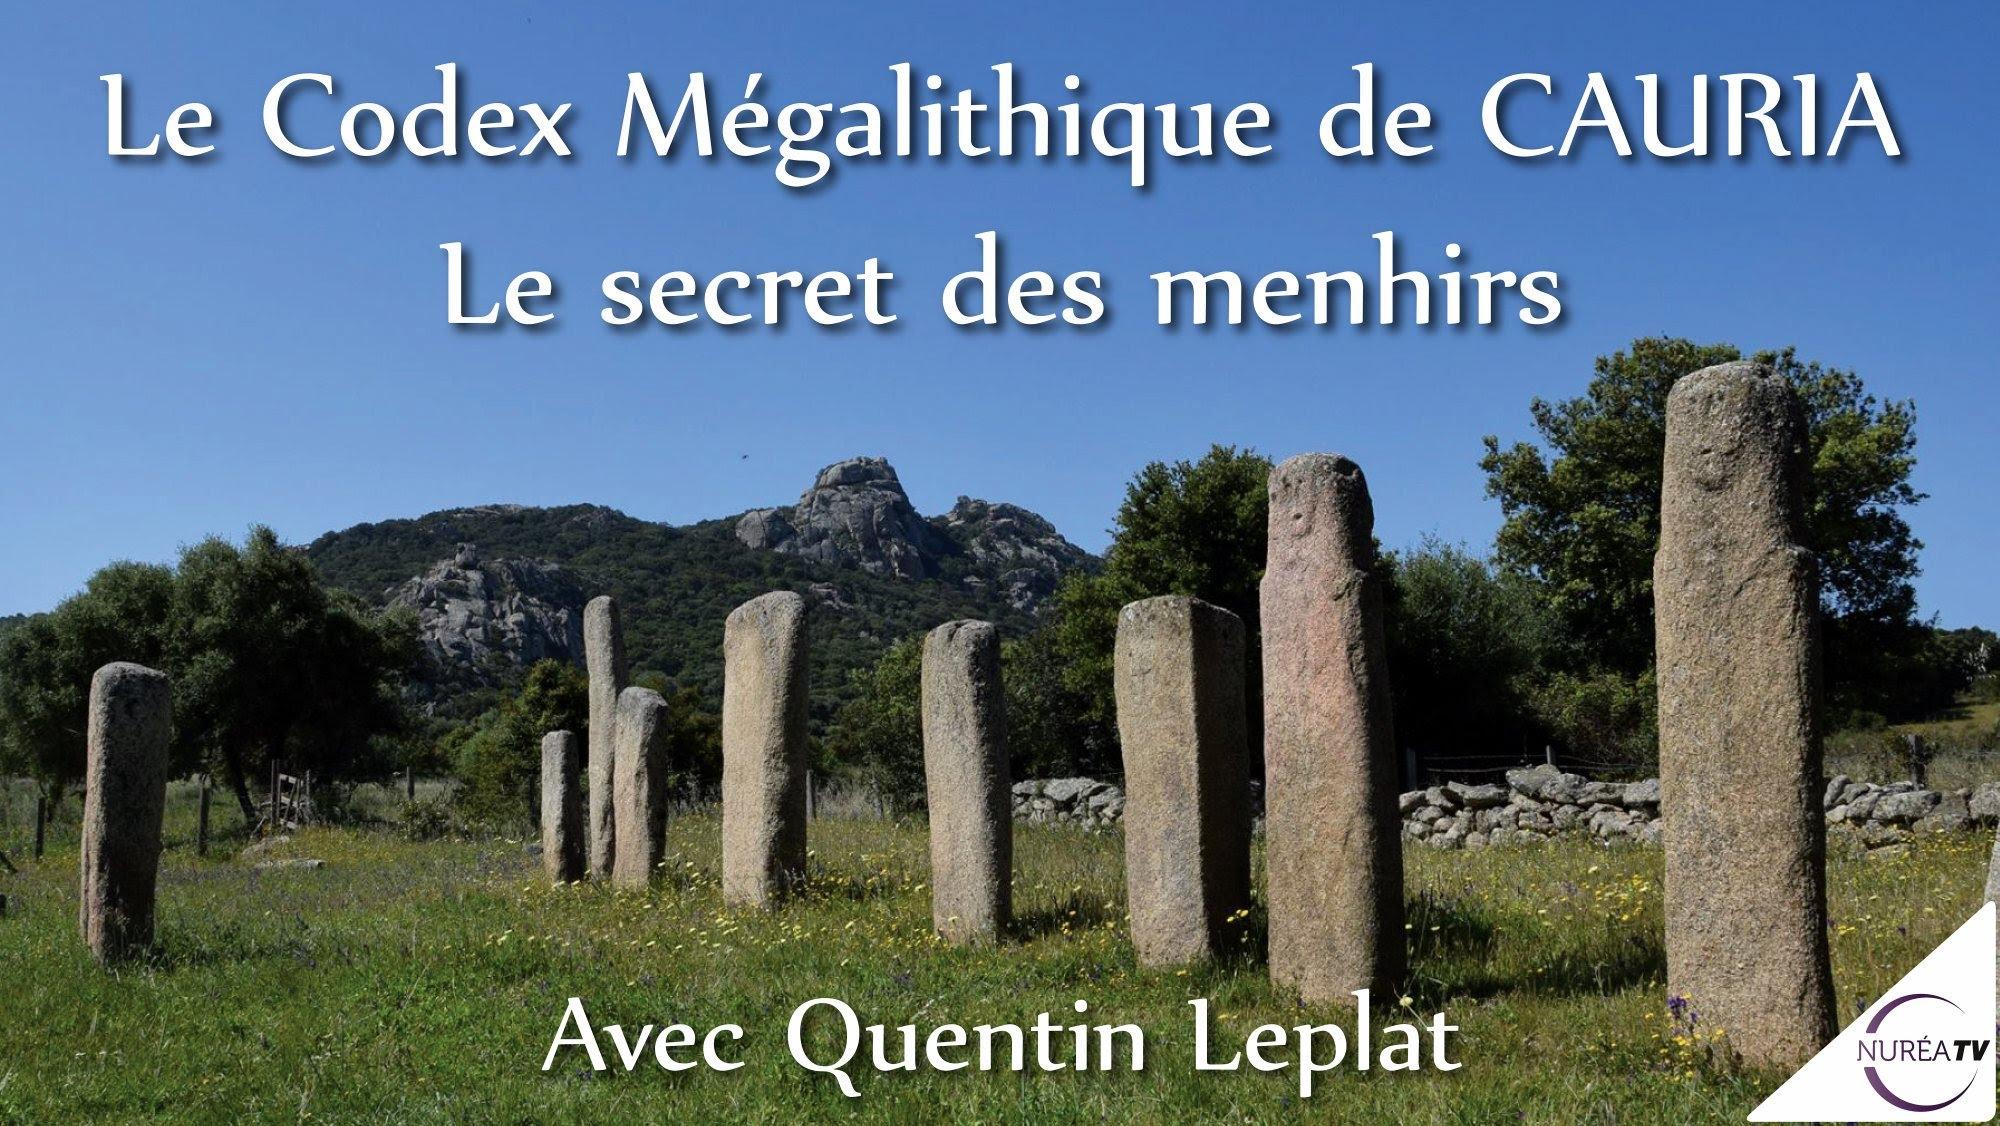 LE CODEX MÉGALITHIQUES DE CORSE DU SUD